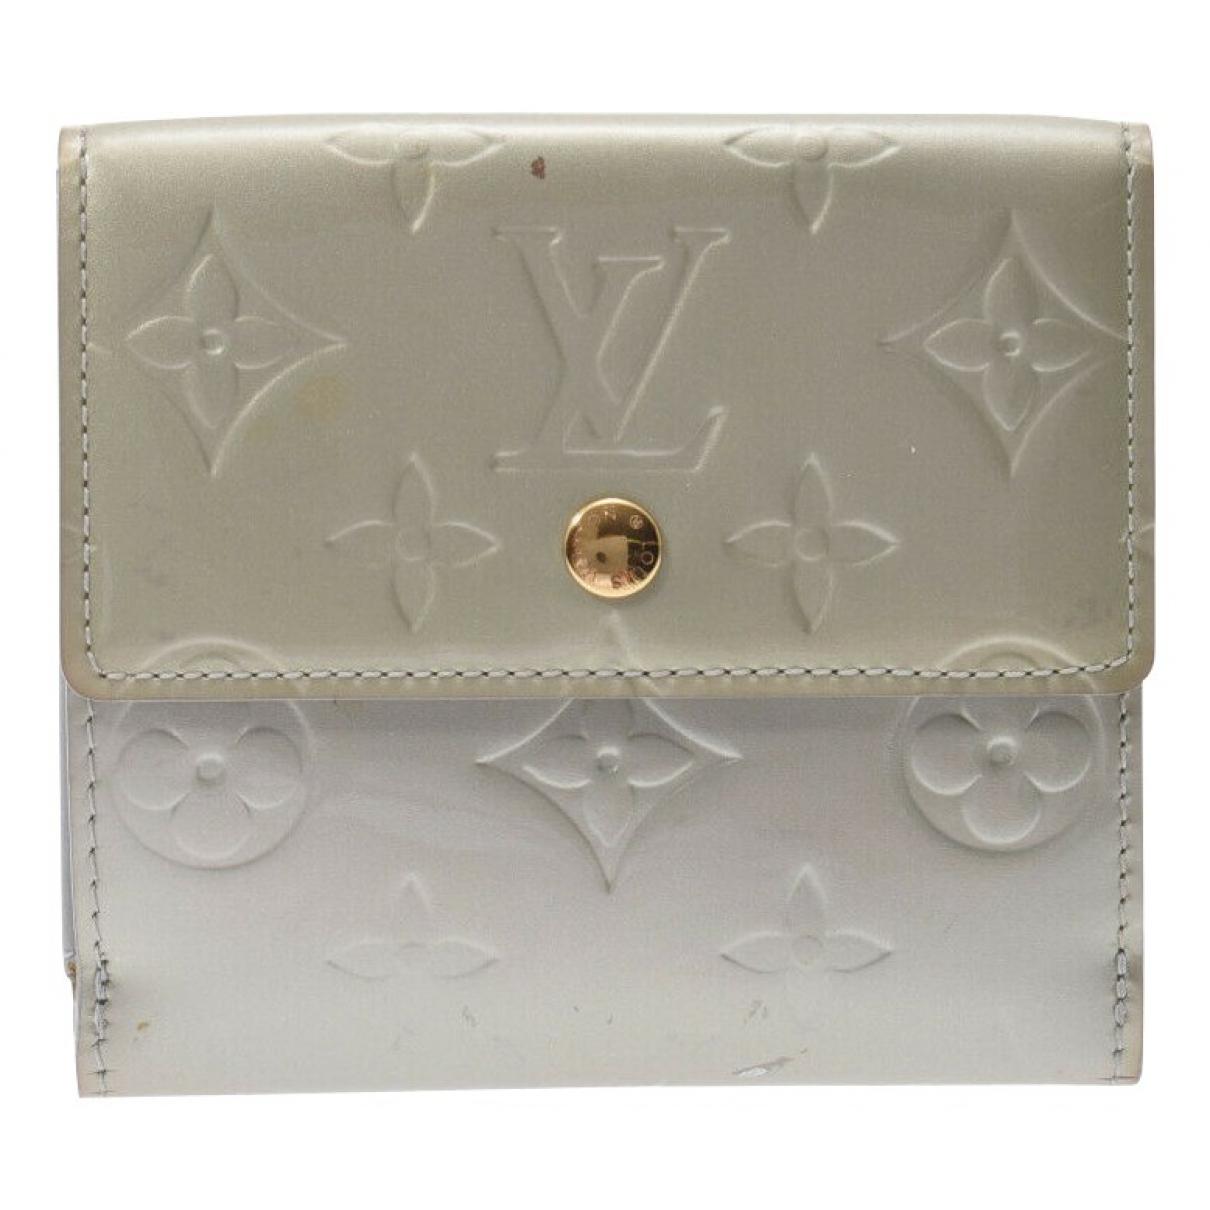 Louis Vuitton - Portefeuille   pour femme en cuir verni - dore